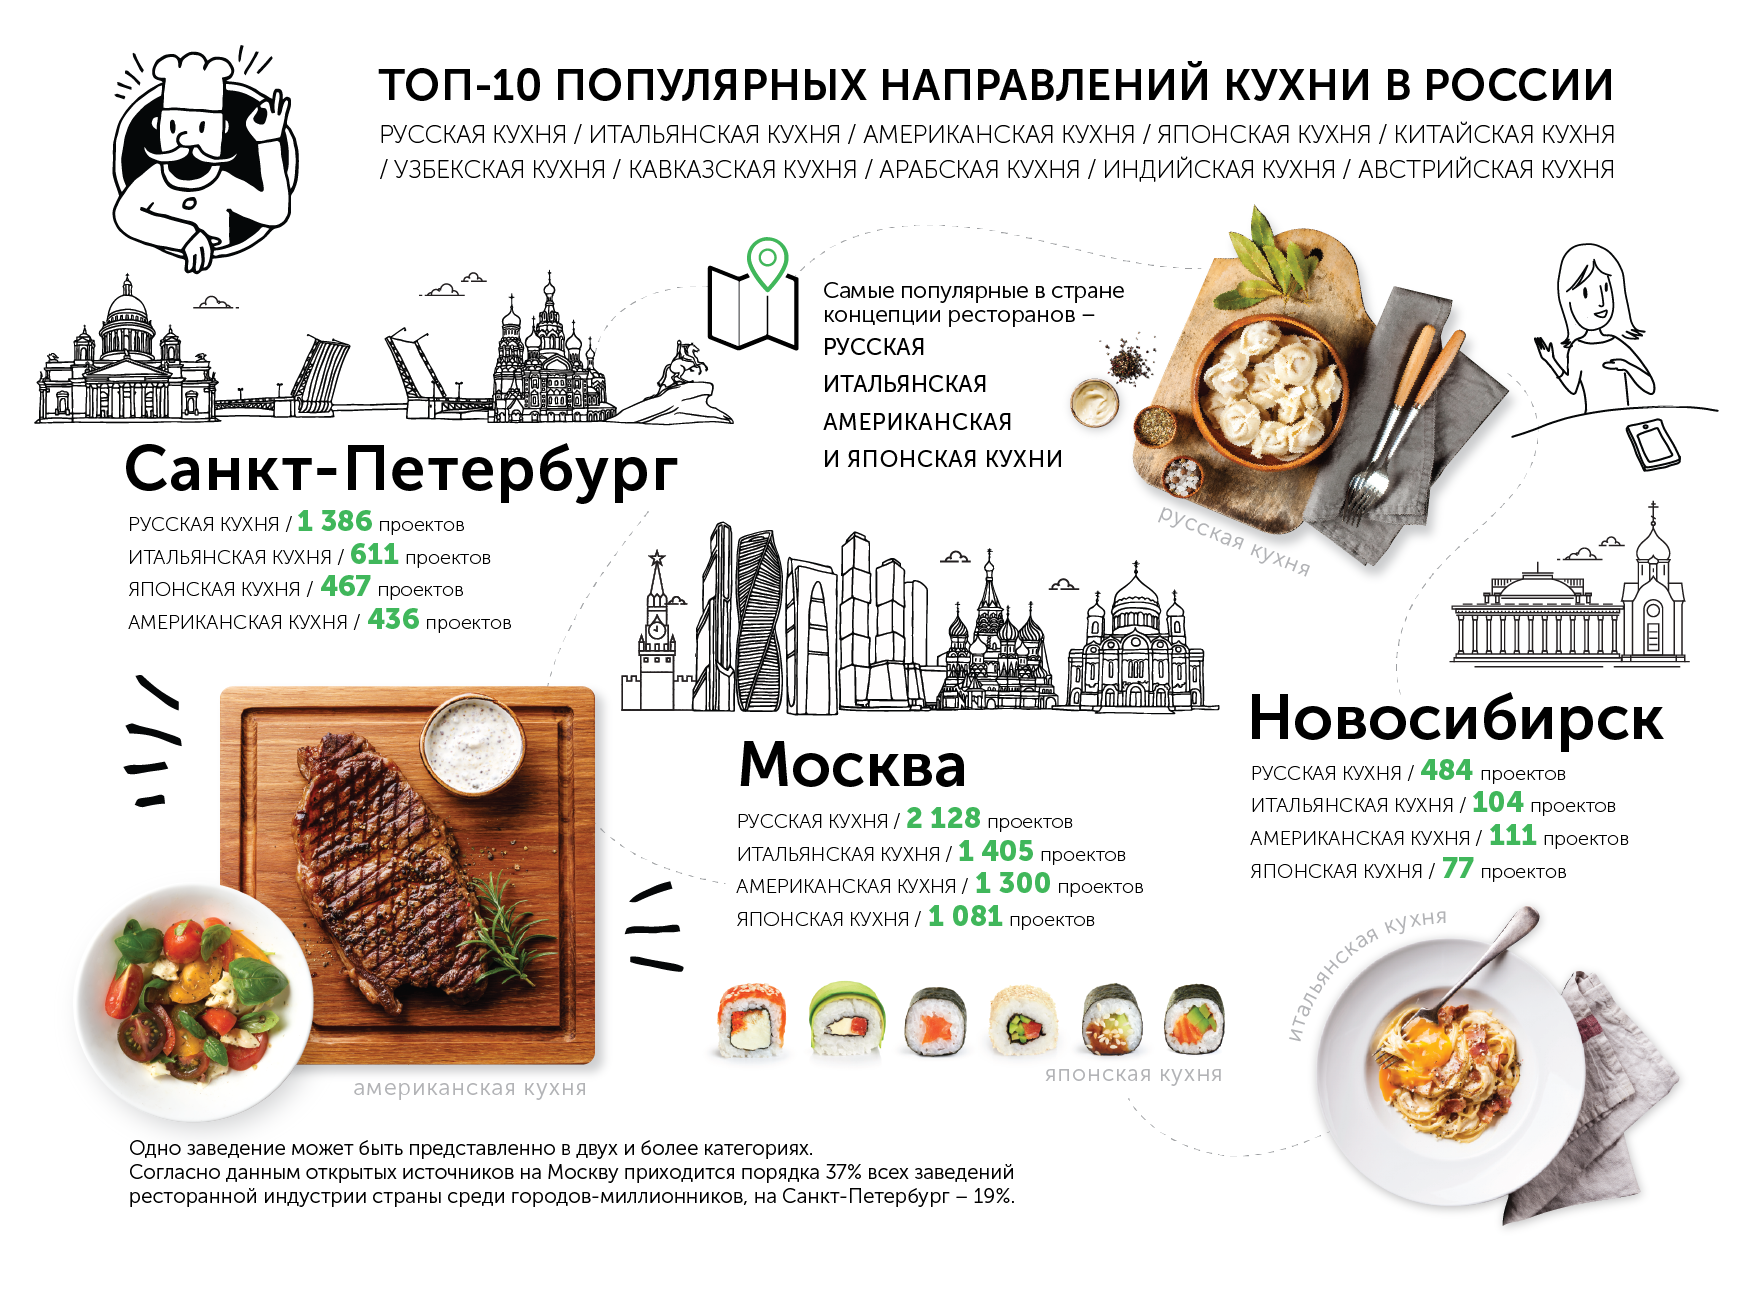 Какие рестораны наиболее популярны в России